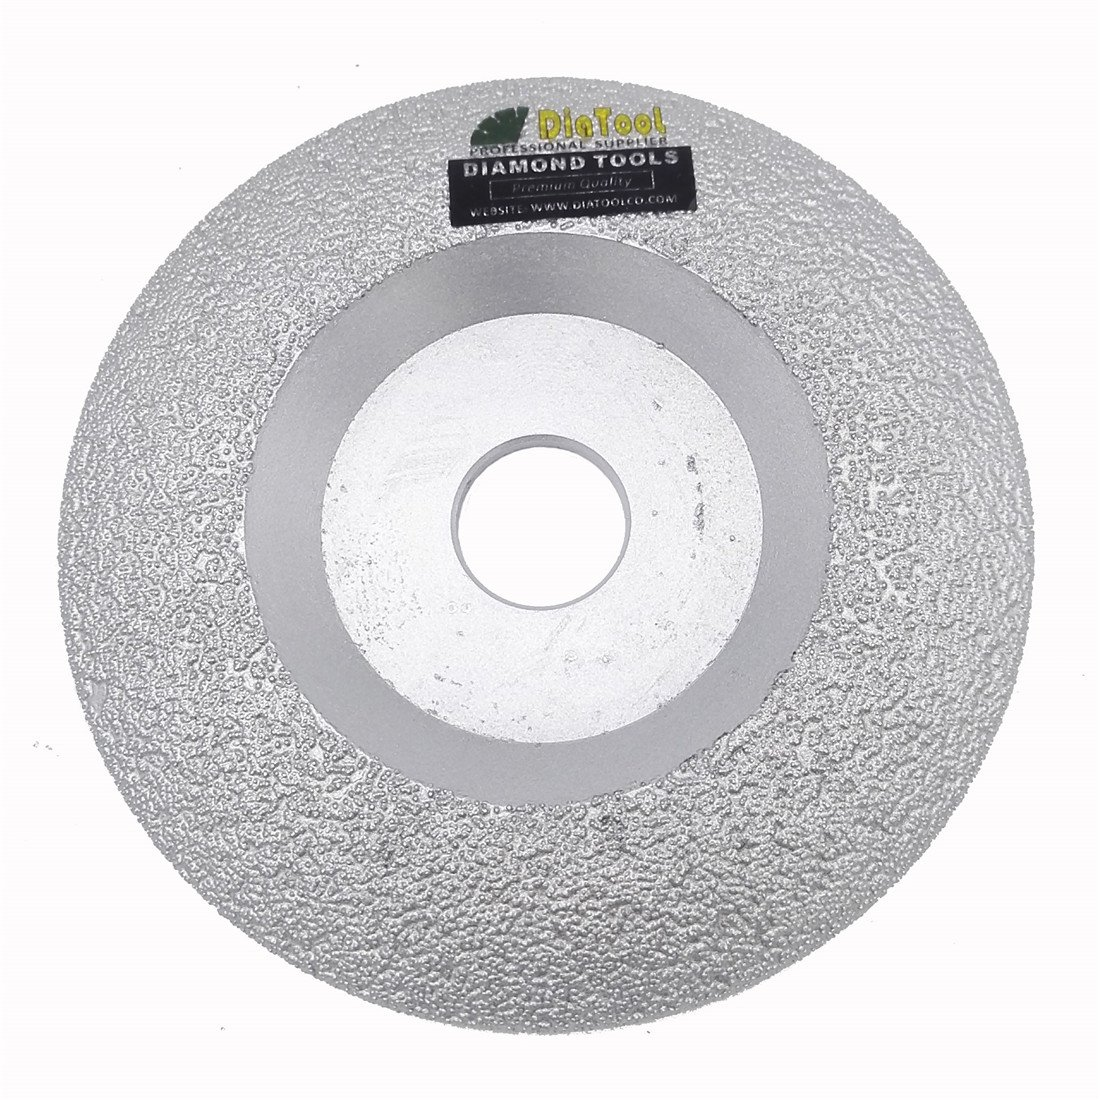 Disco de Diamante SHDIATOOL molienda de 5 pulg. para mármol de granito hierro acero mampostería molienda soldado al vací